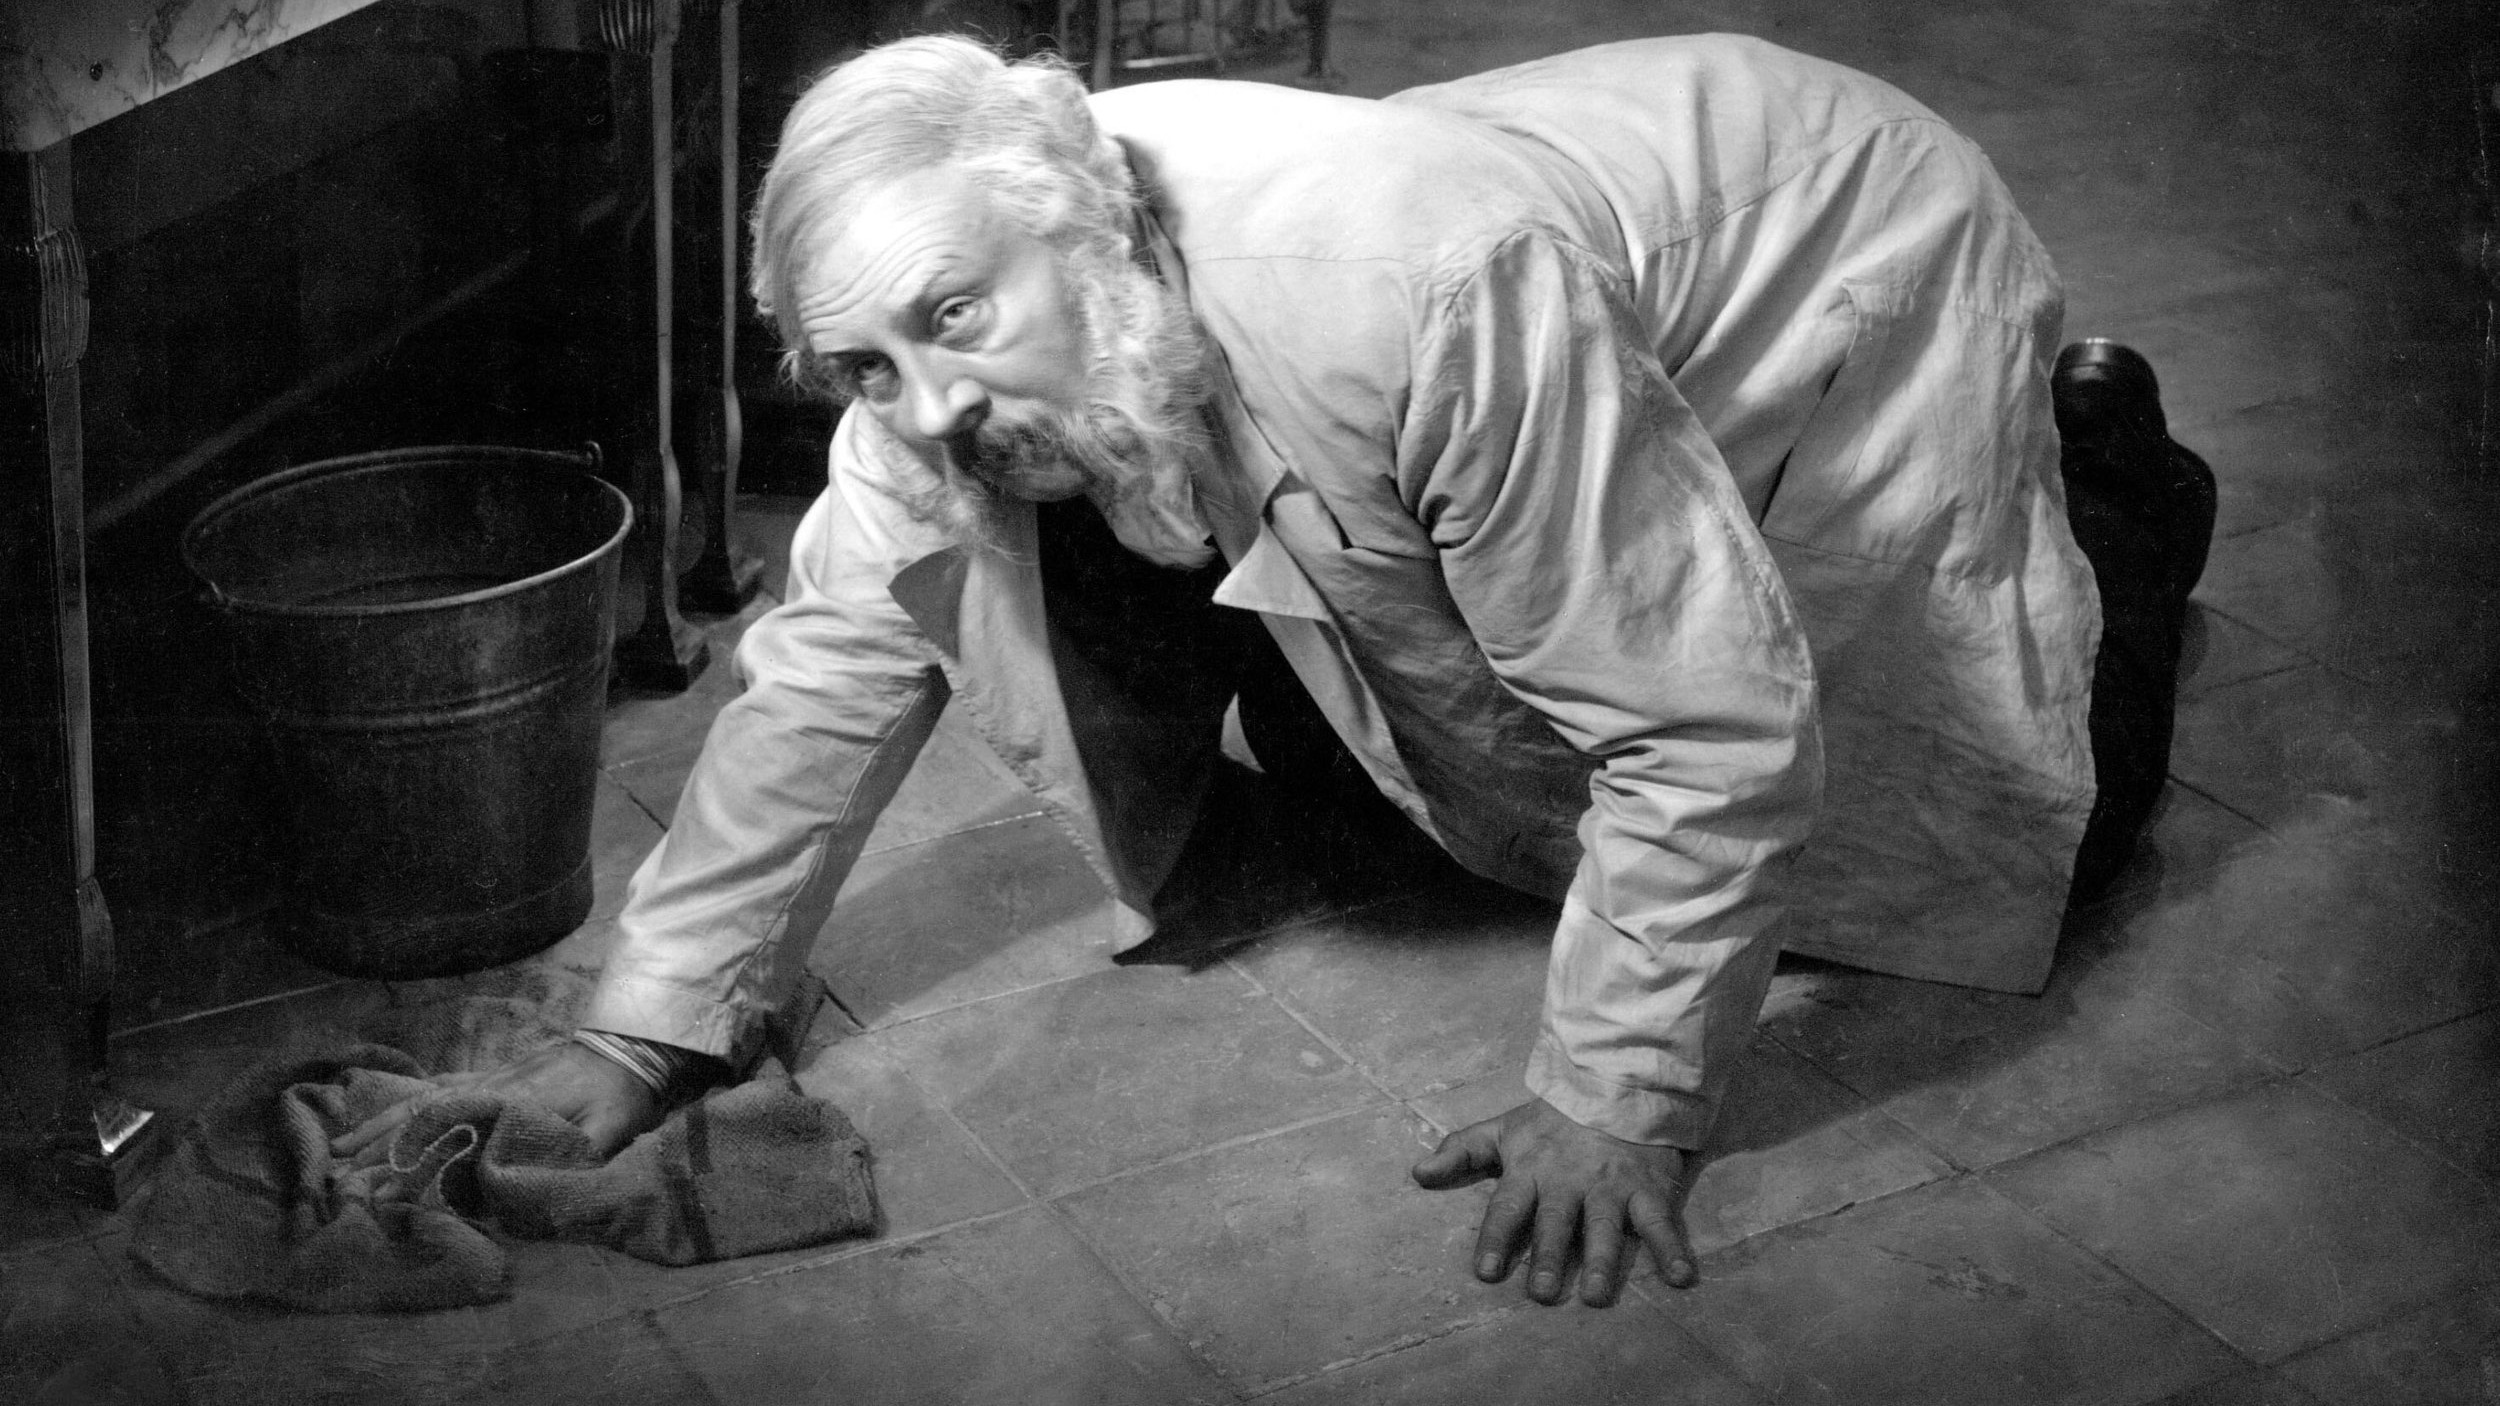 #21) The Last Laugh - (1924 - dir. F. W. Murnau)